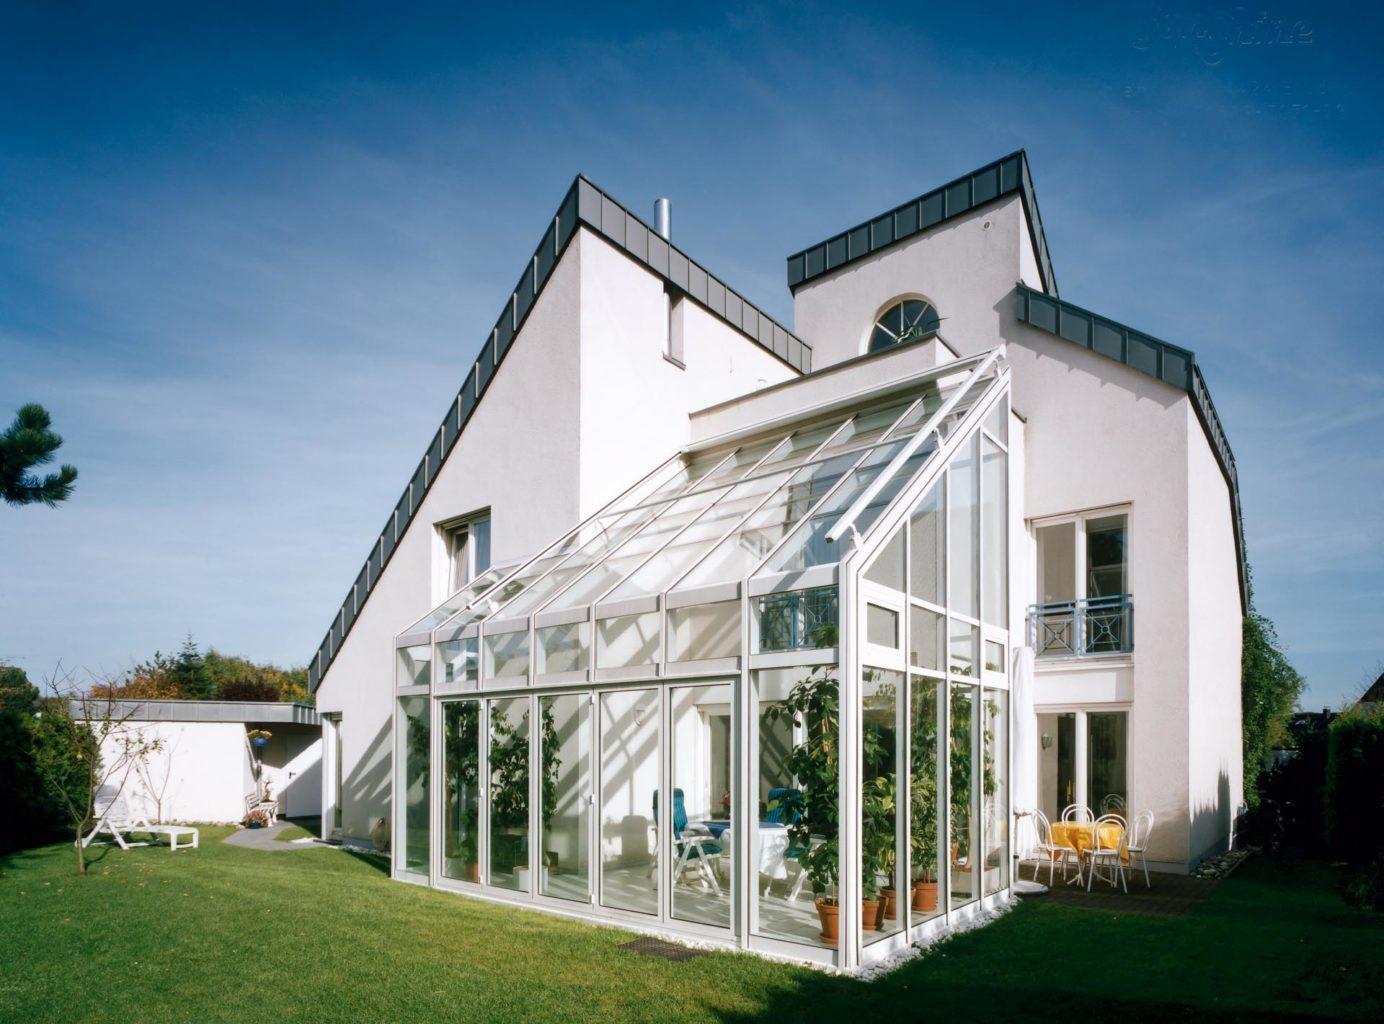 Wintergarten in Bergisch Gladbach (Objekt 609). Wohnwintergarten 2-geschossig mit Balkon, Kipp-Lüftungsfenstern, Dachflächen-Außenmarkise und 5-teiliger Faltschiebetüranlage